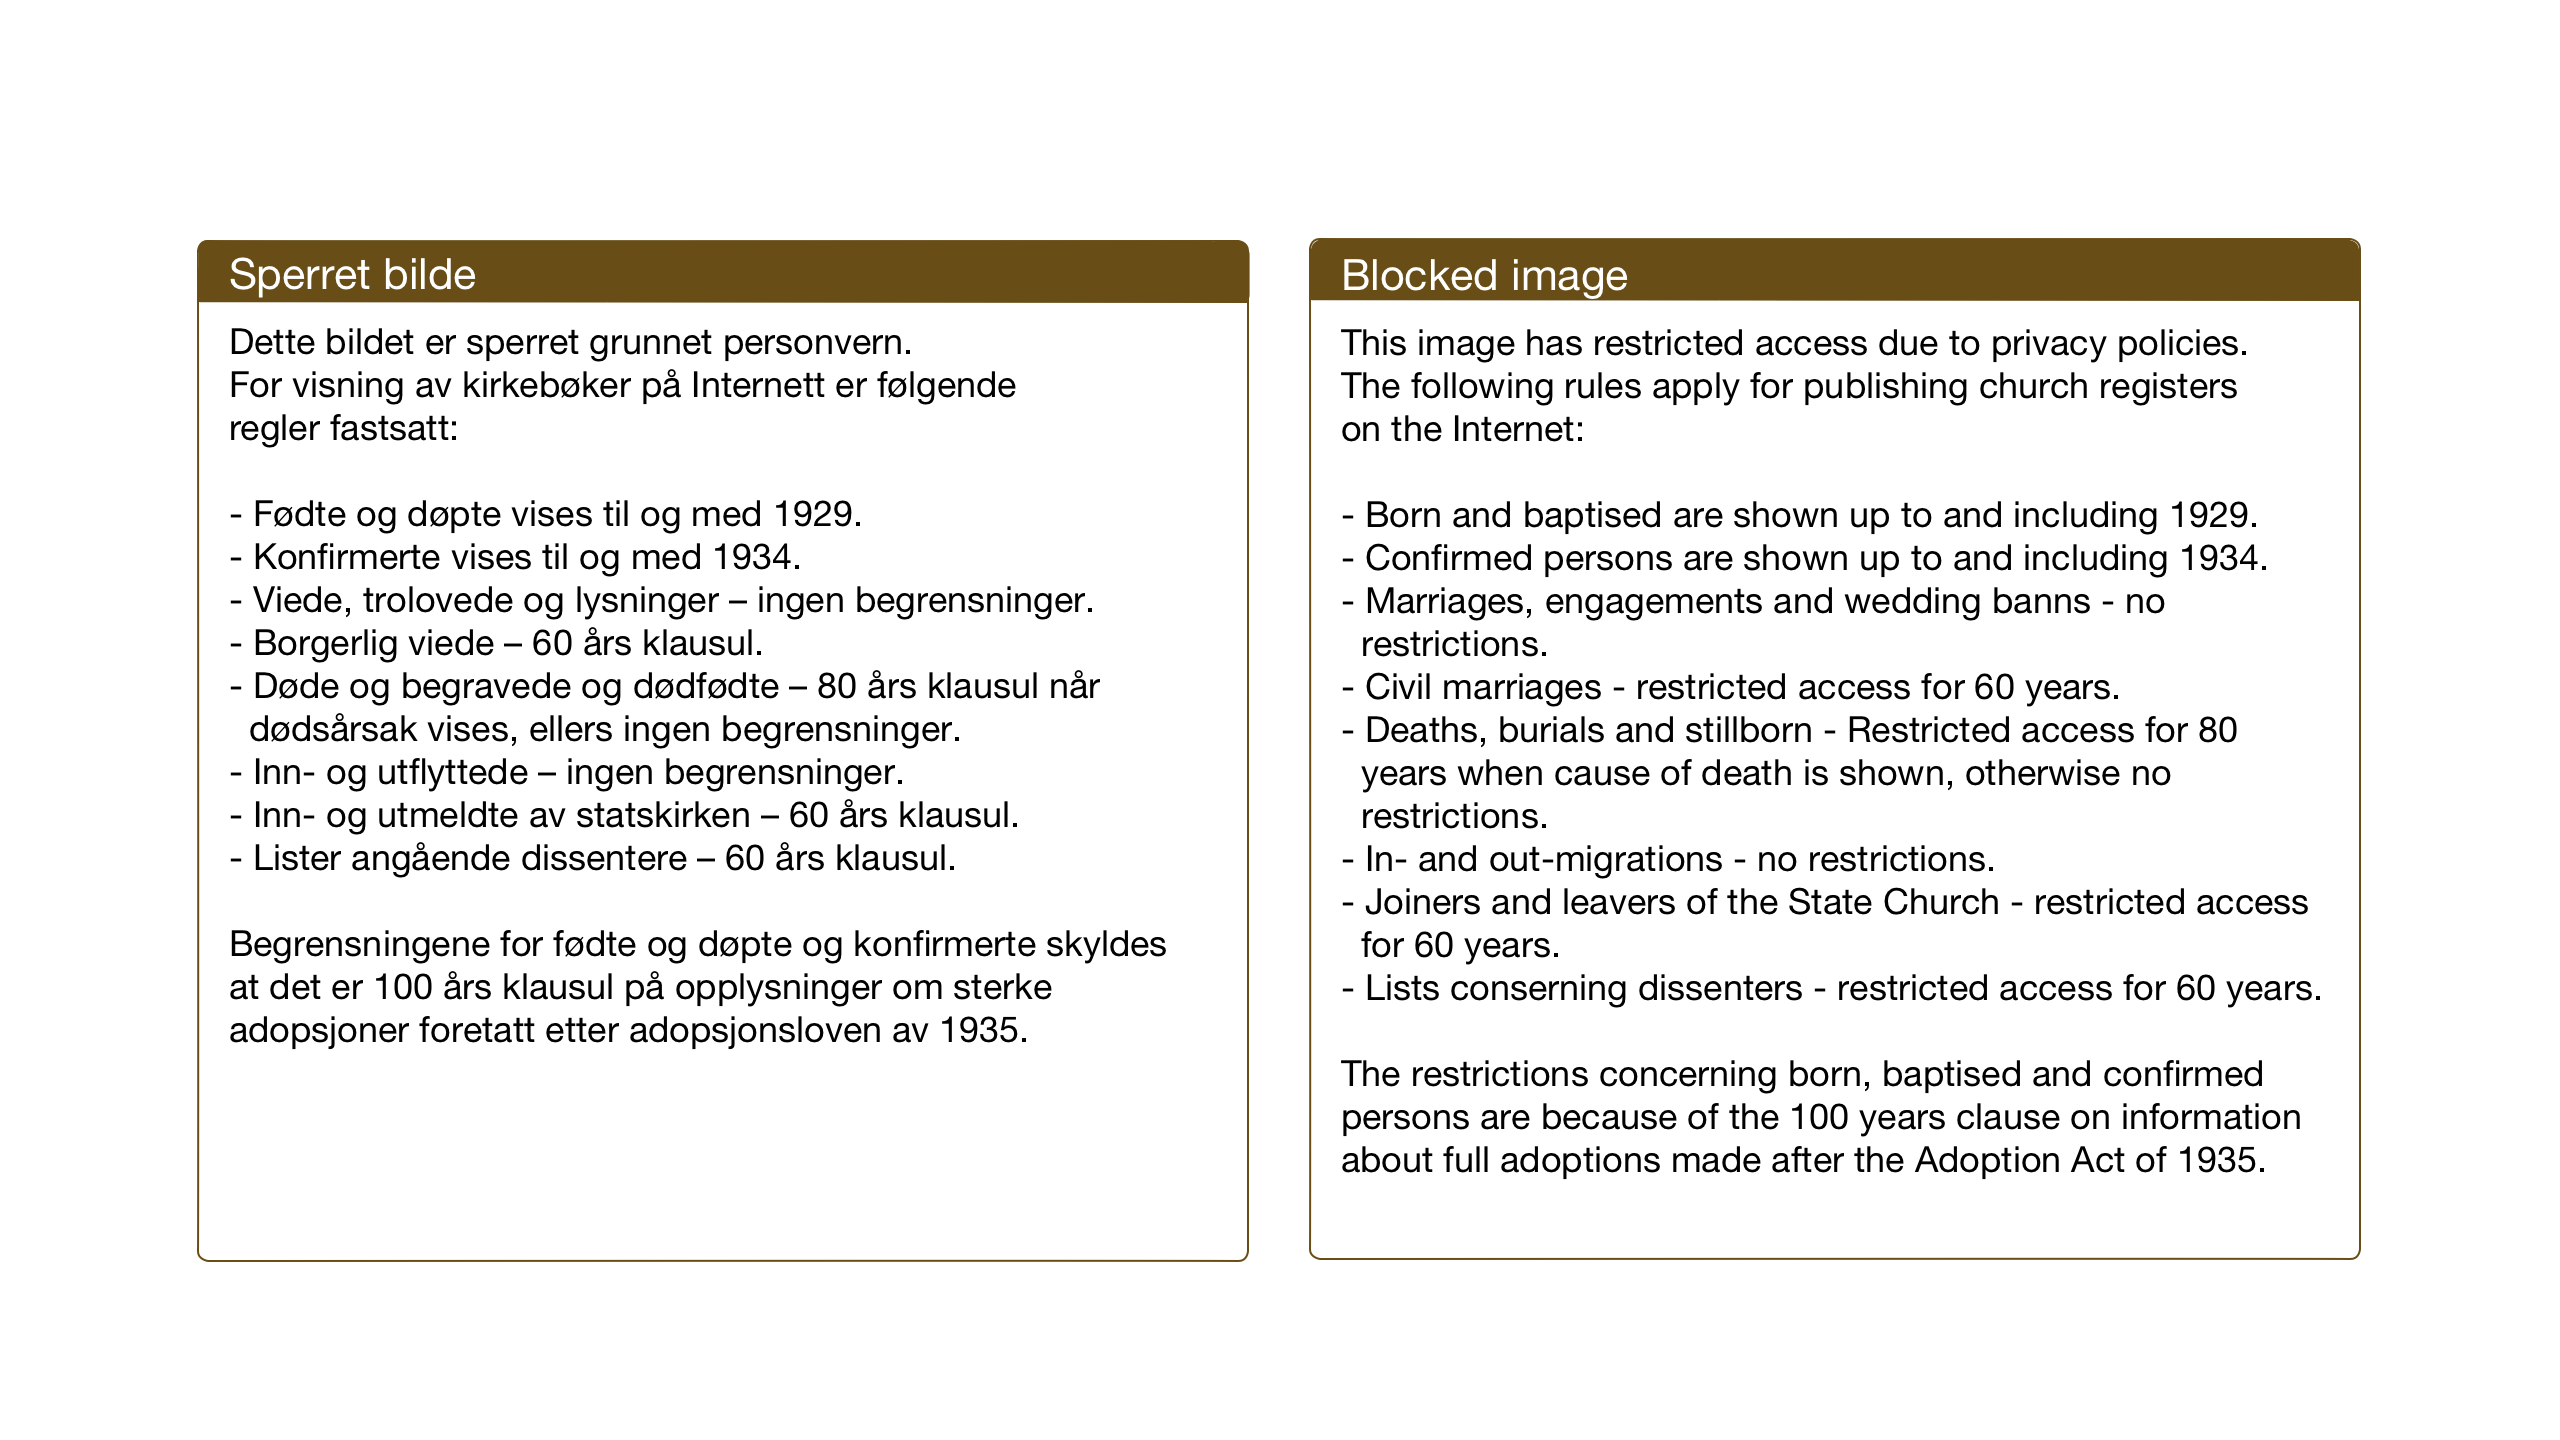 SAT, Ministerialprotokoller, klokkerbøker og fødselsregistre - Nord-Trøndelag, 712/L0104: Klokkerbok nr. 712C02, 1917-1939, s. 60